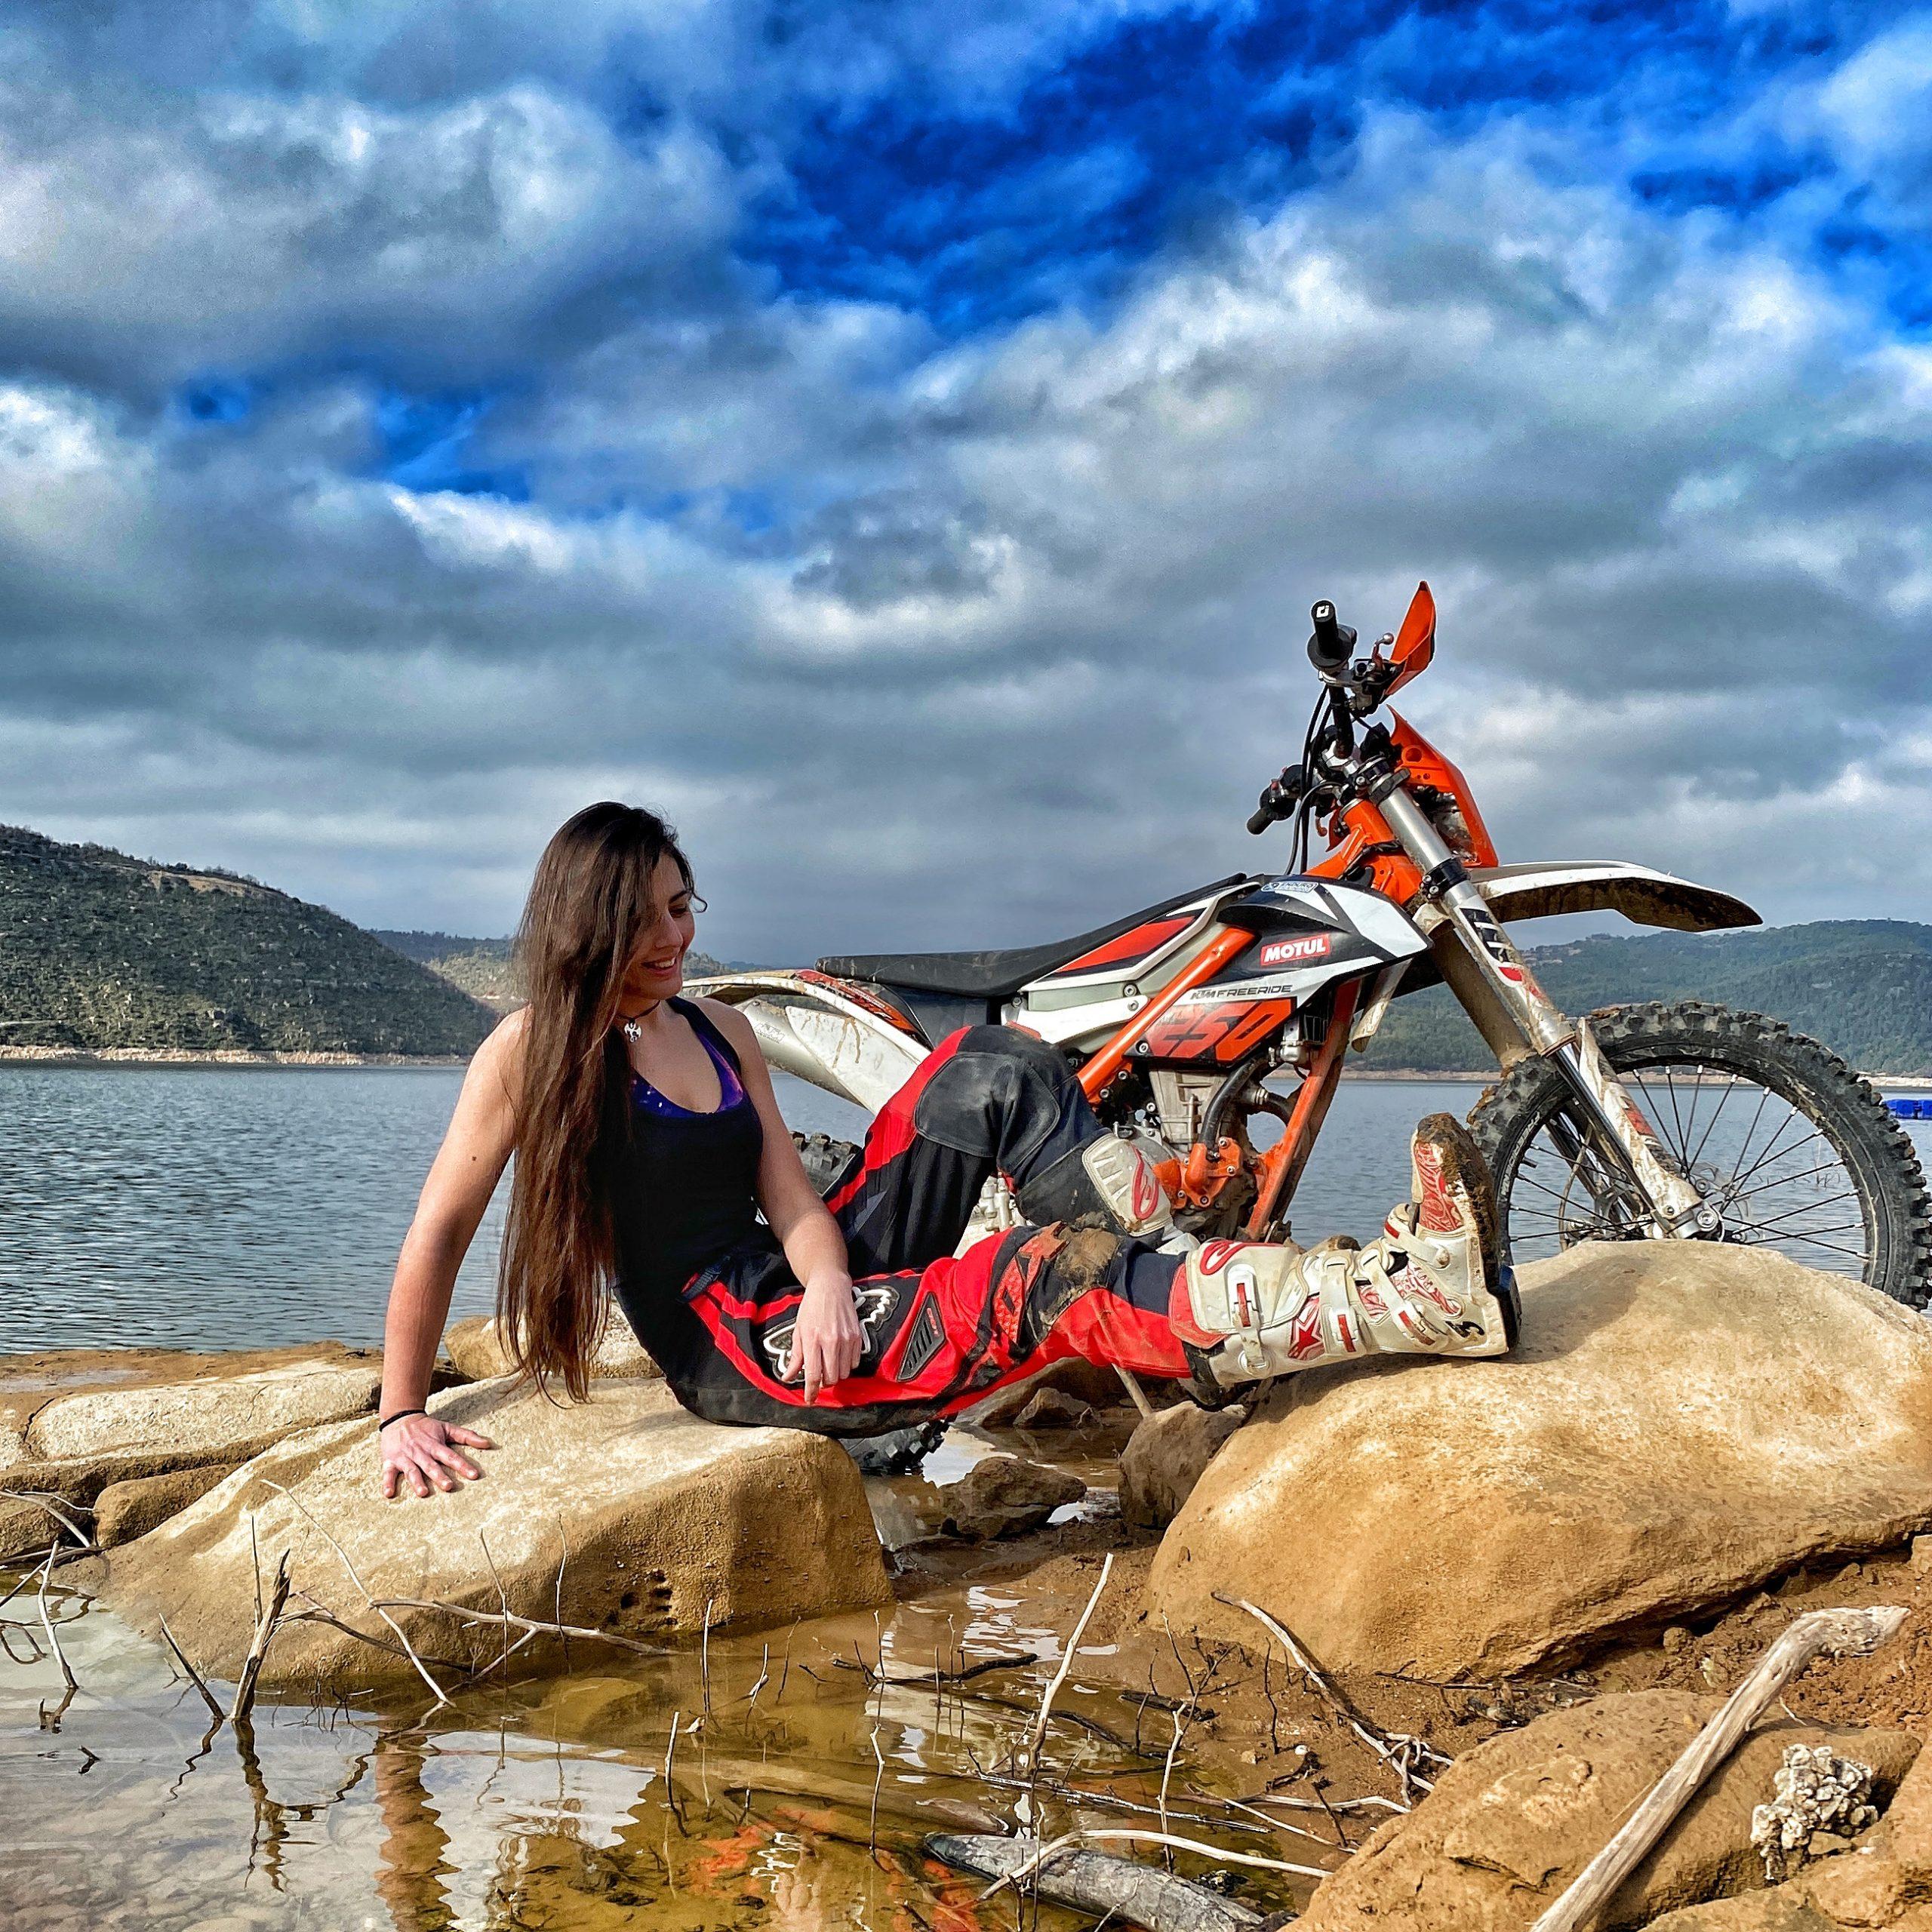 cuida de tu moto y ella cuidara de ti